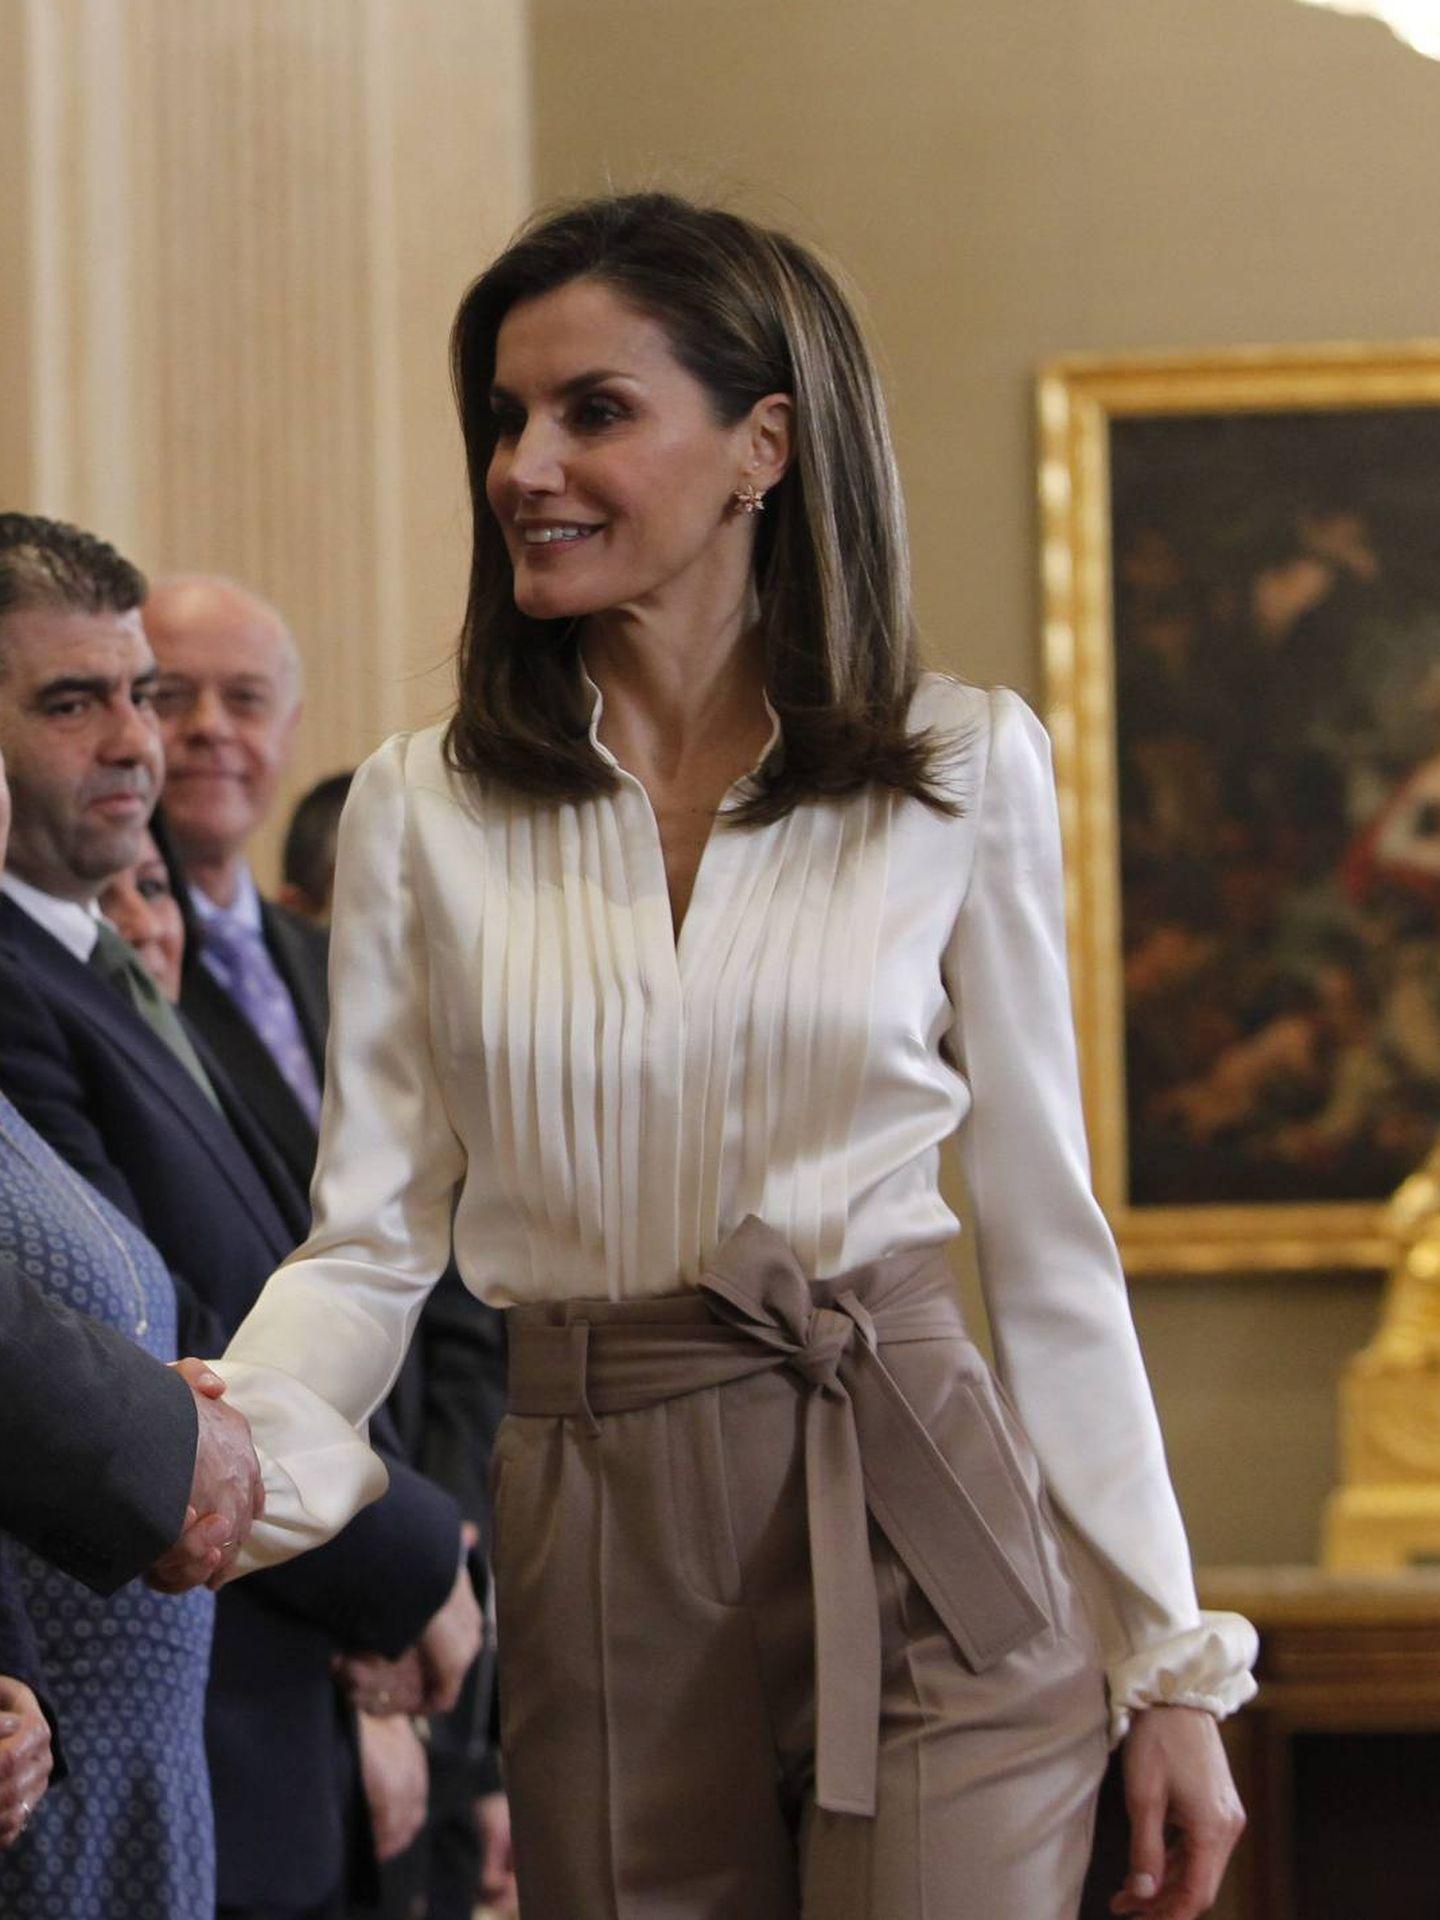 La reina Letizia. (Cordon Press)